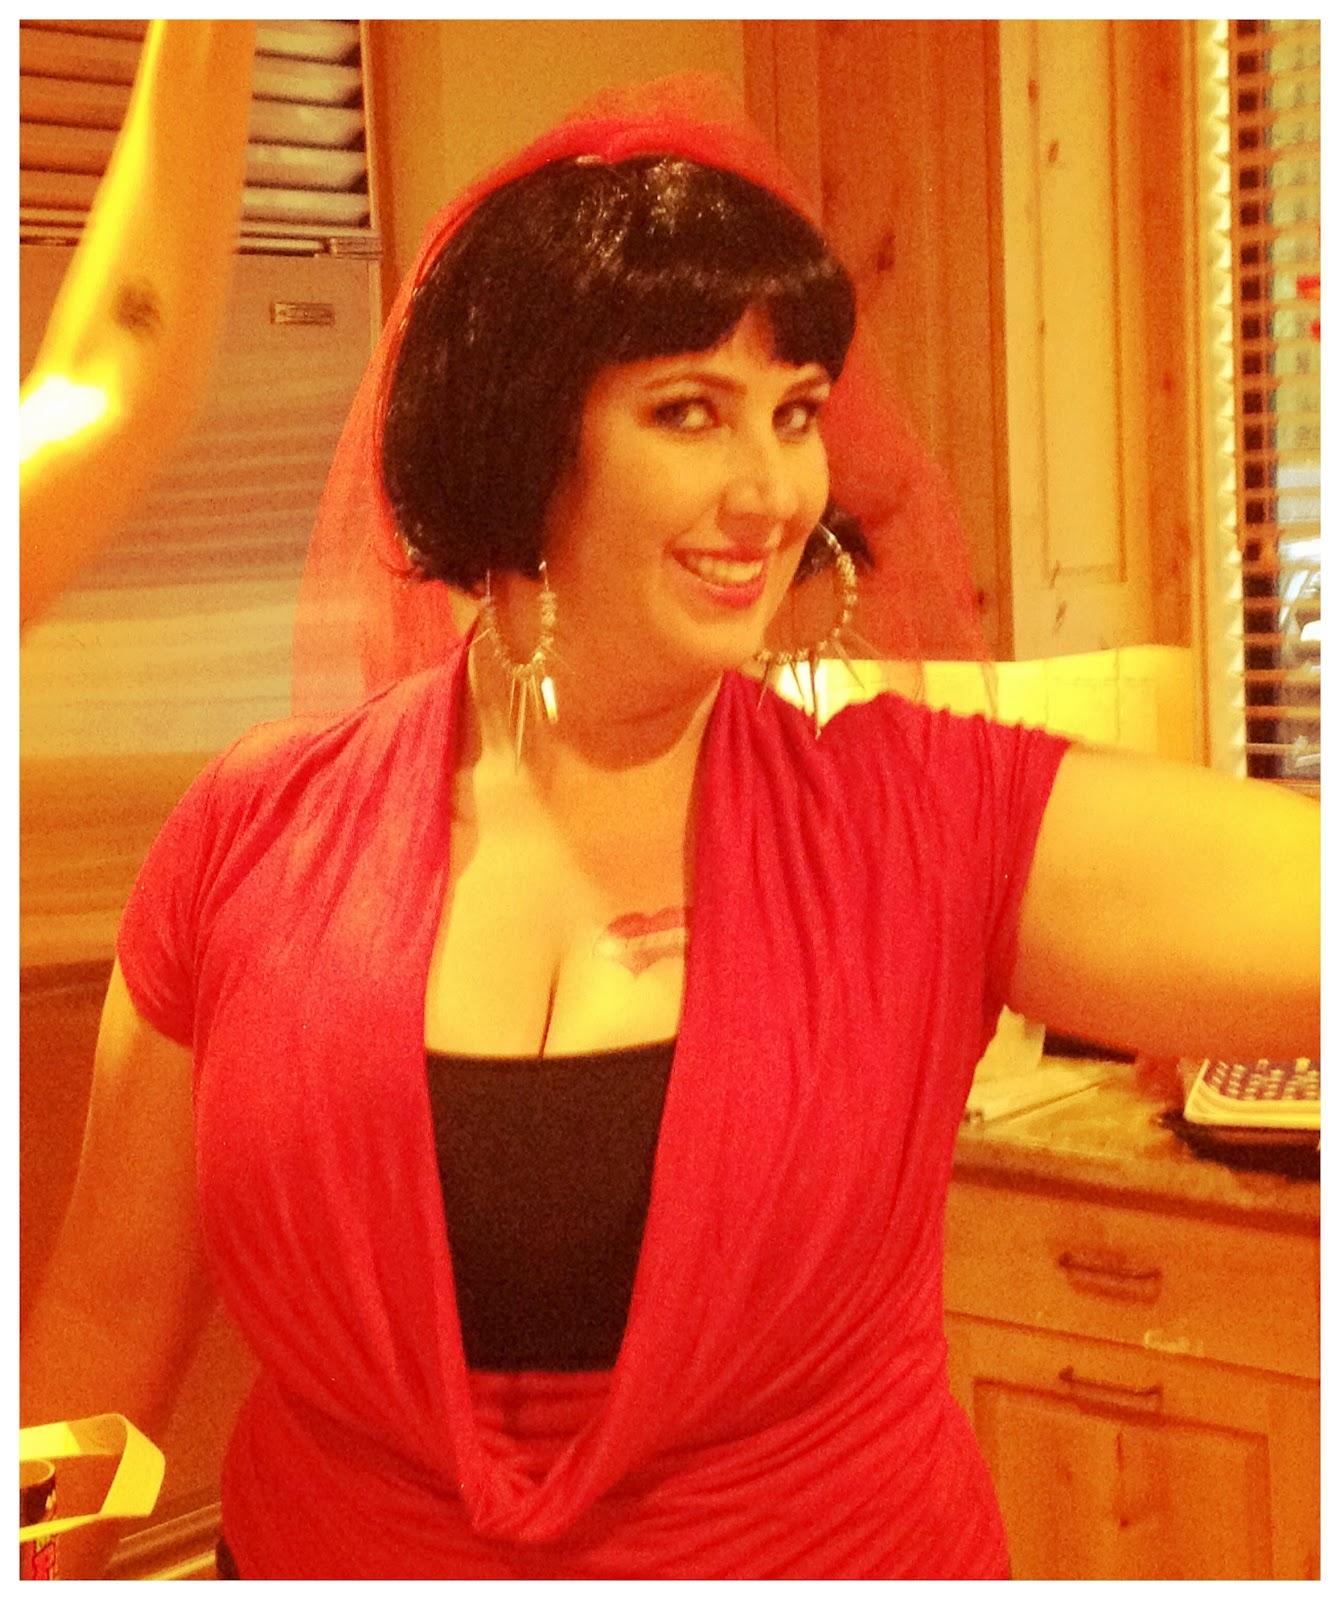 Mrs. Mischief